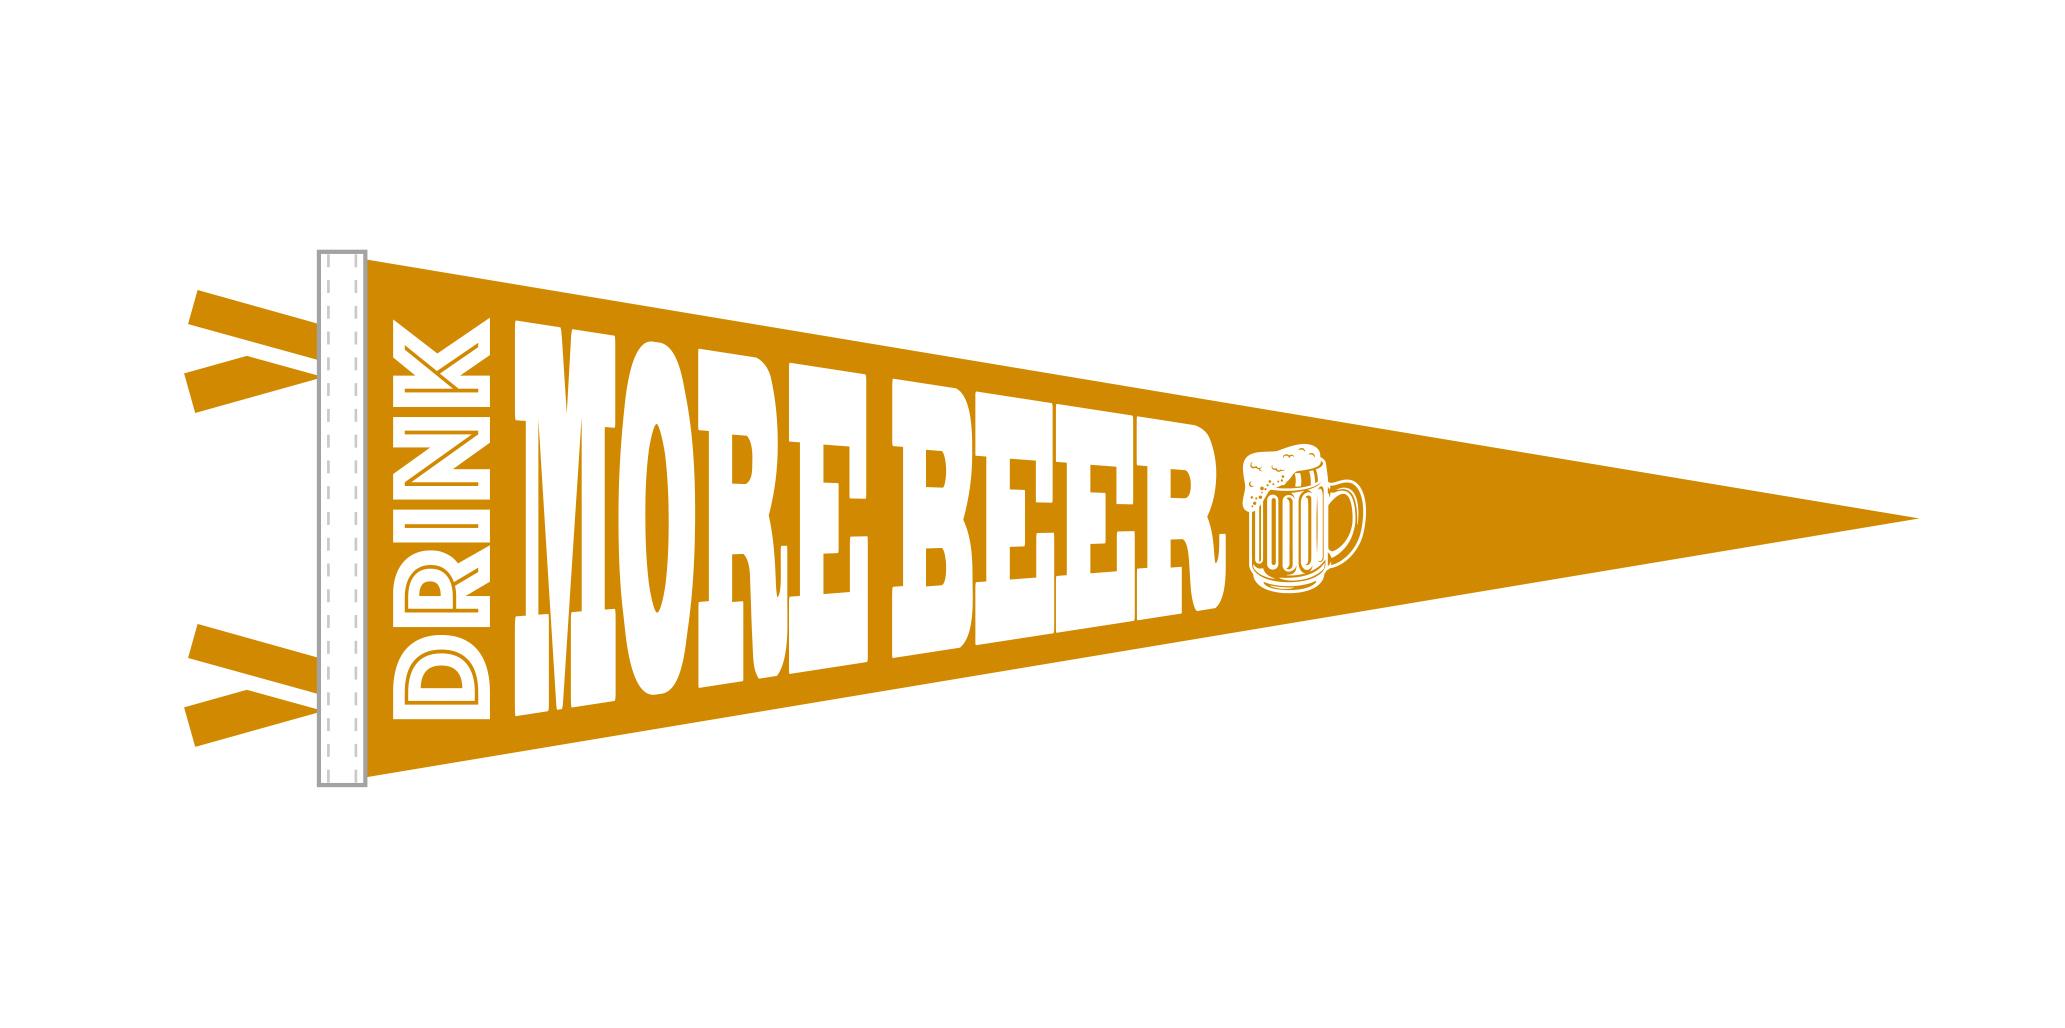 DRINK MORE BEER Pennant